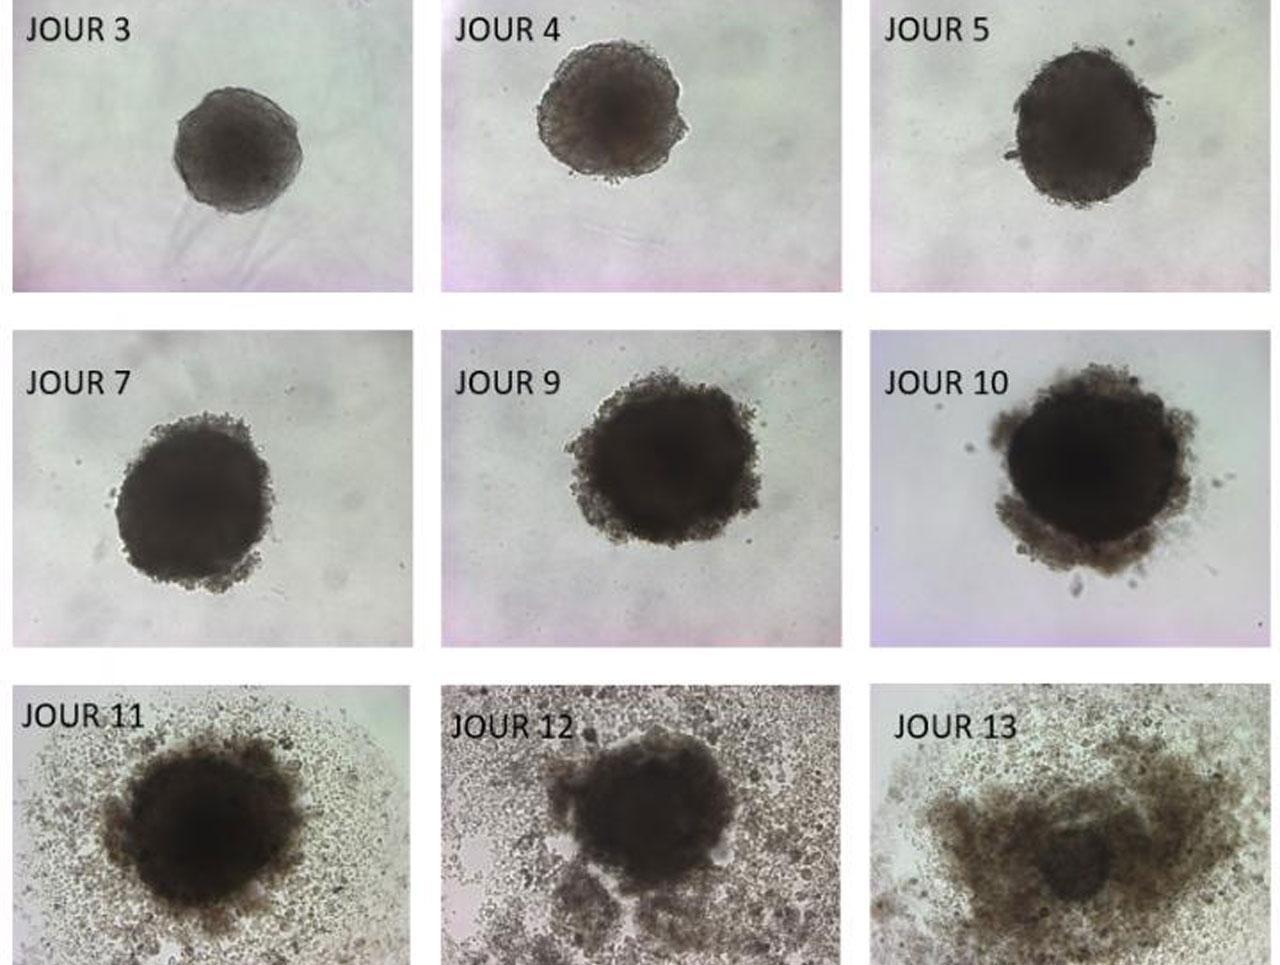 Un estudio descubre cómo los ácidos grasos omega-3 ralentizan el crecimiento de los tumores